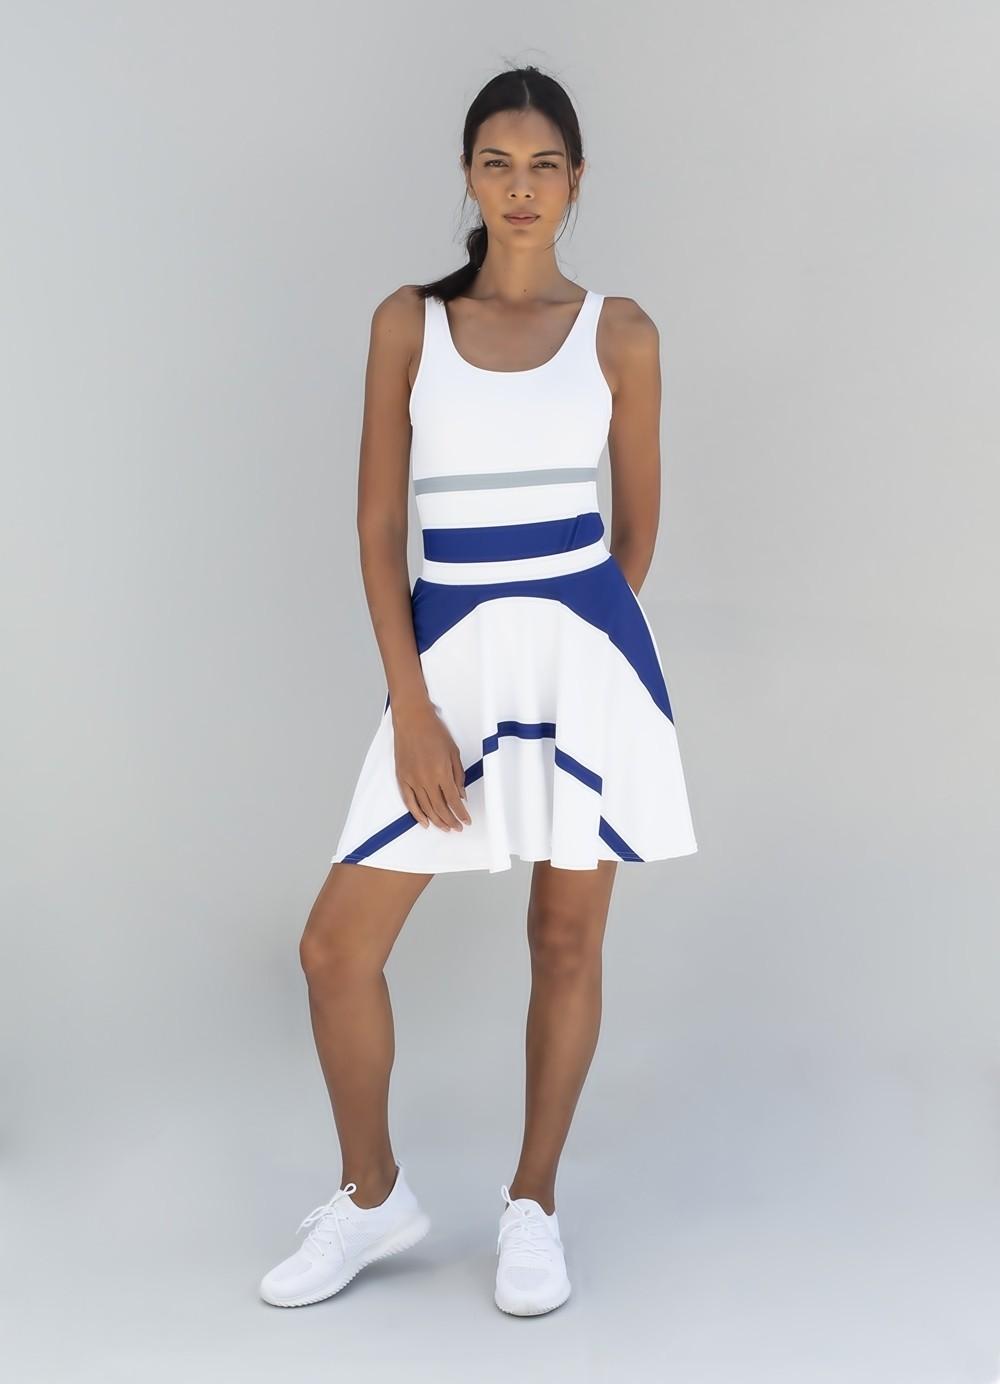 Flirt Skirt Tennis Skirt